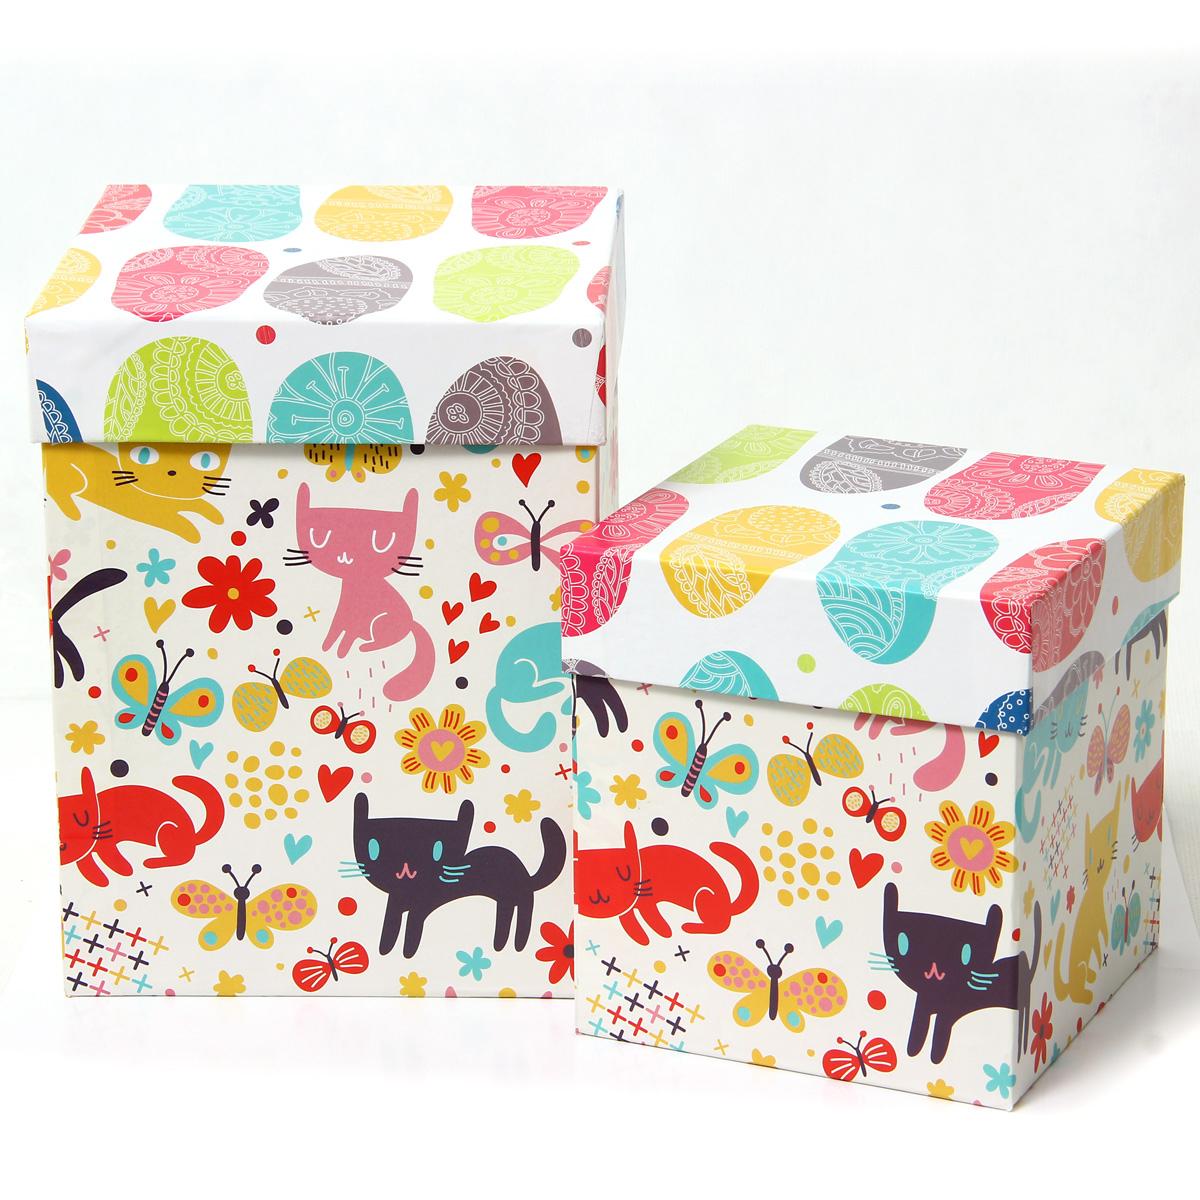 Набор подарочных коробок Veld-Co Котята и абстракция, под кружку, 2 шт набор подарочных коробок veld co котята и абстракция прямоугольные 5 шт